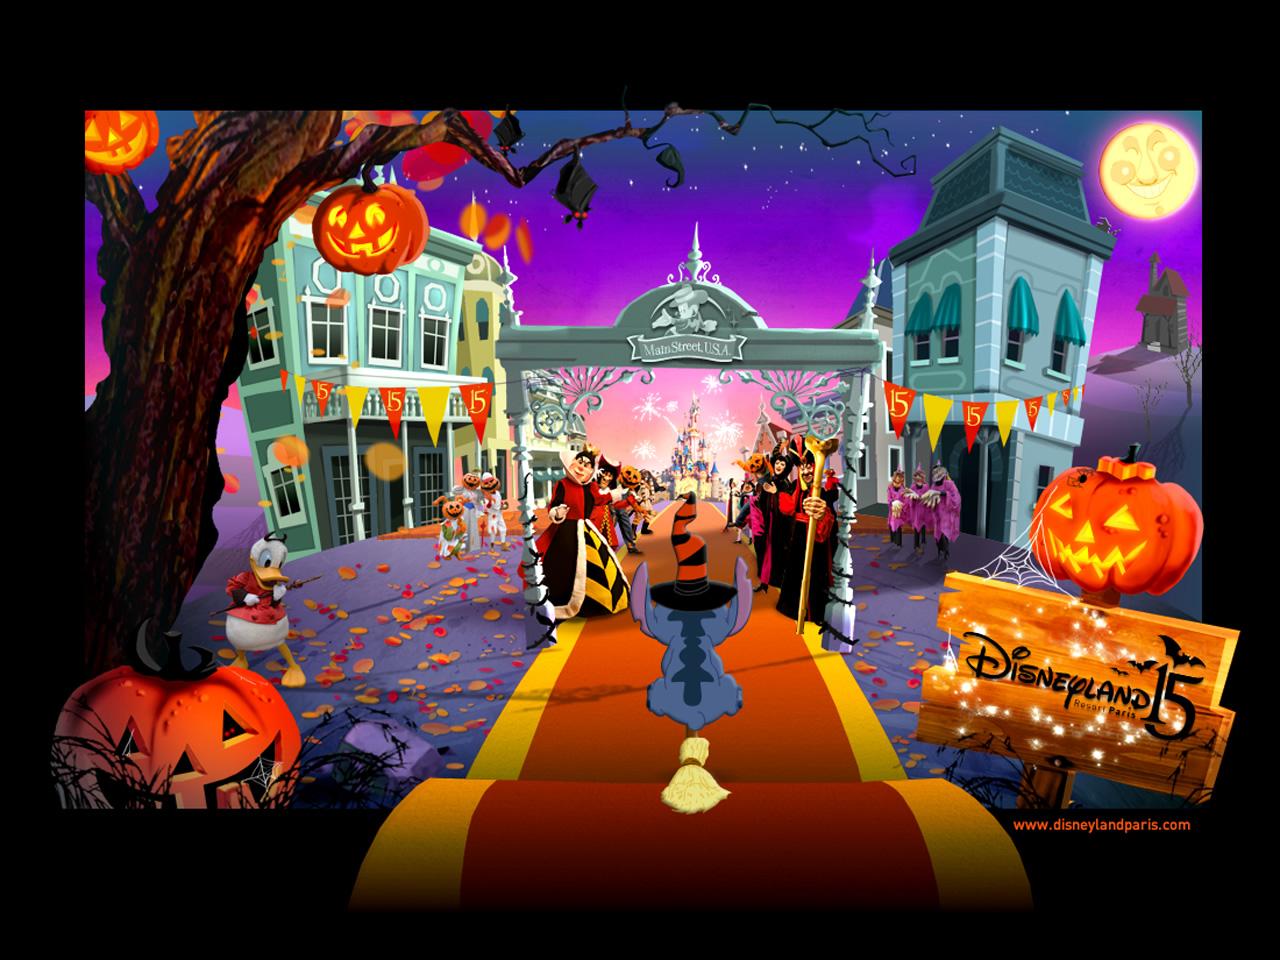 Disney Halloween Screensavers Wallpapers - WallpaperSafari